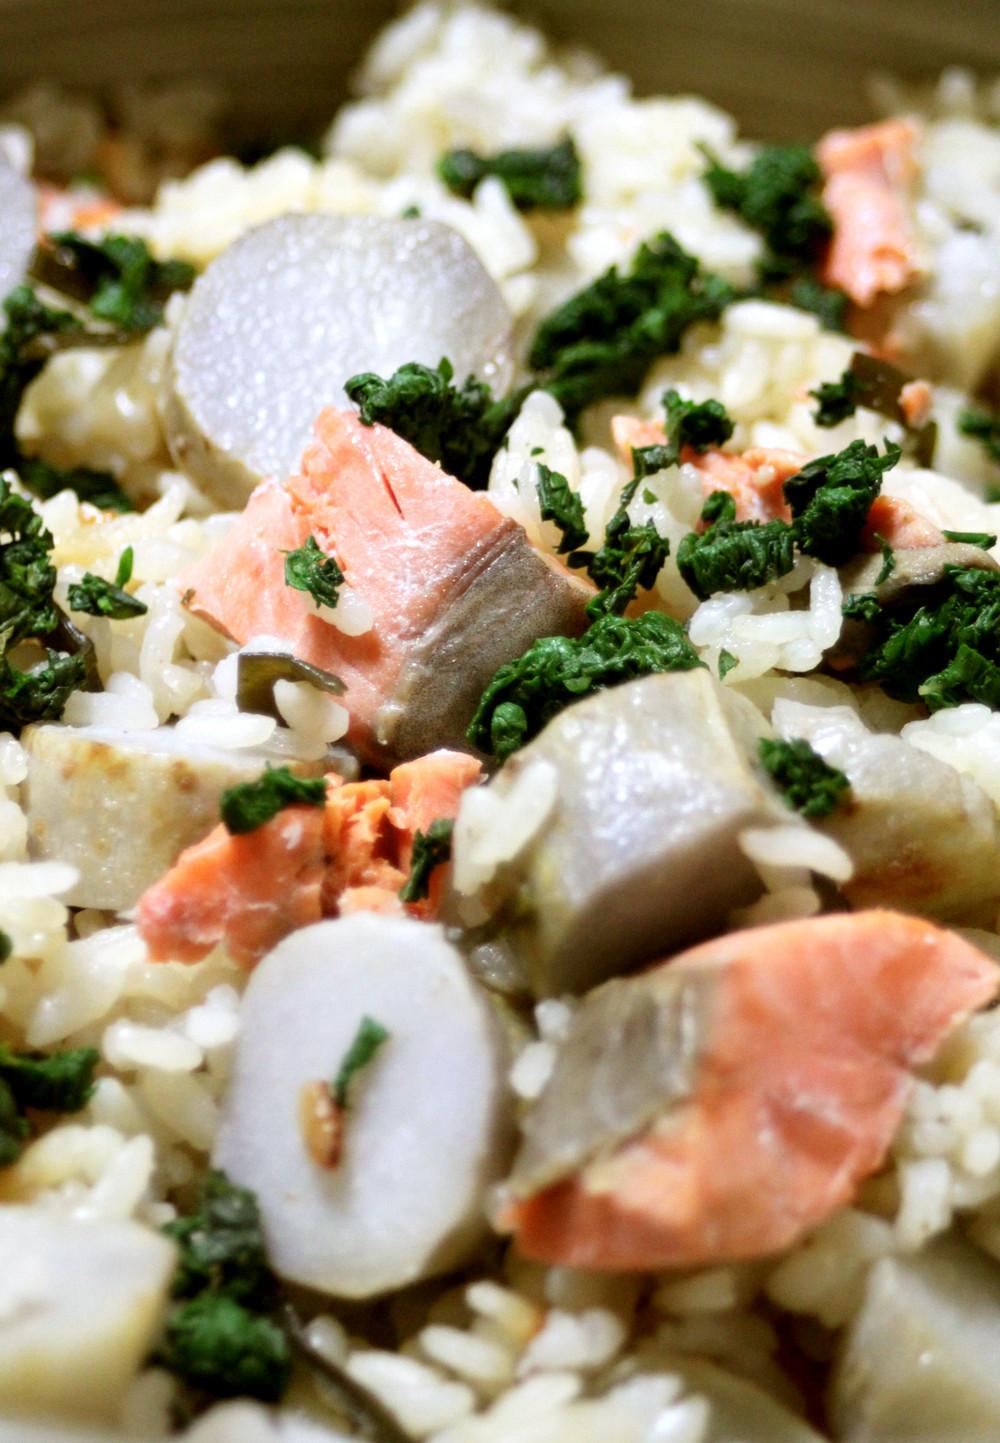 塩鮭と里芋の炊き込みご飯。